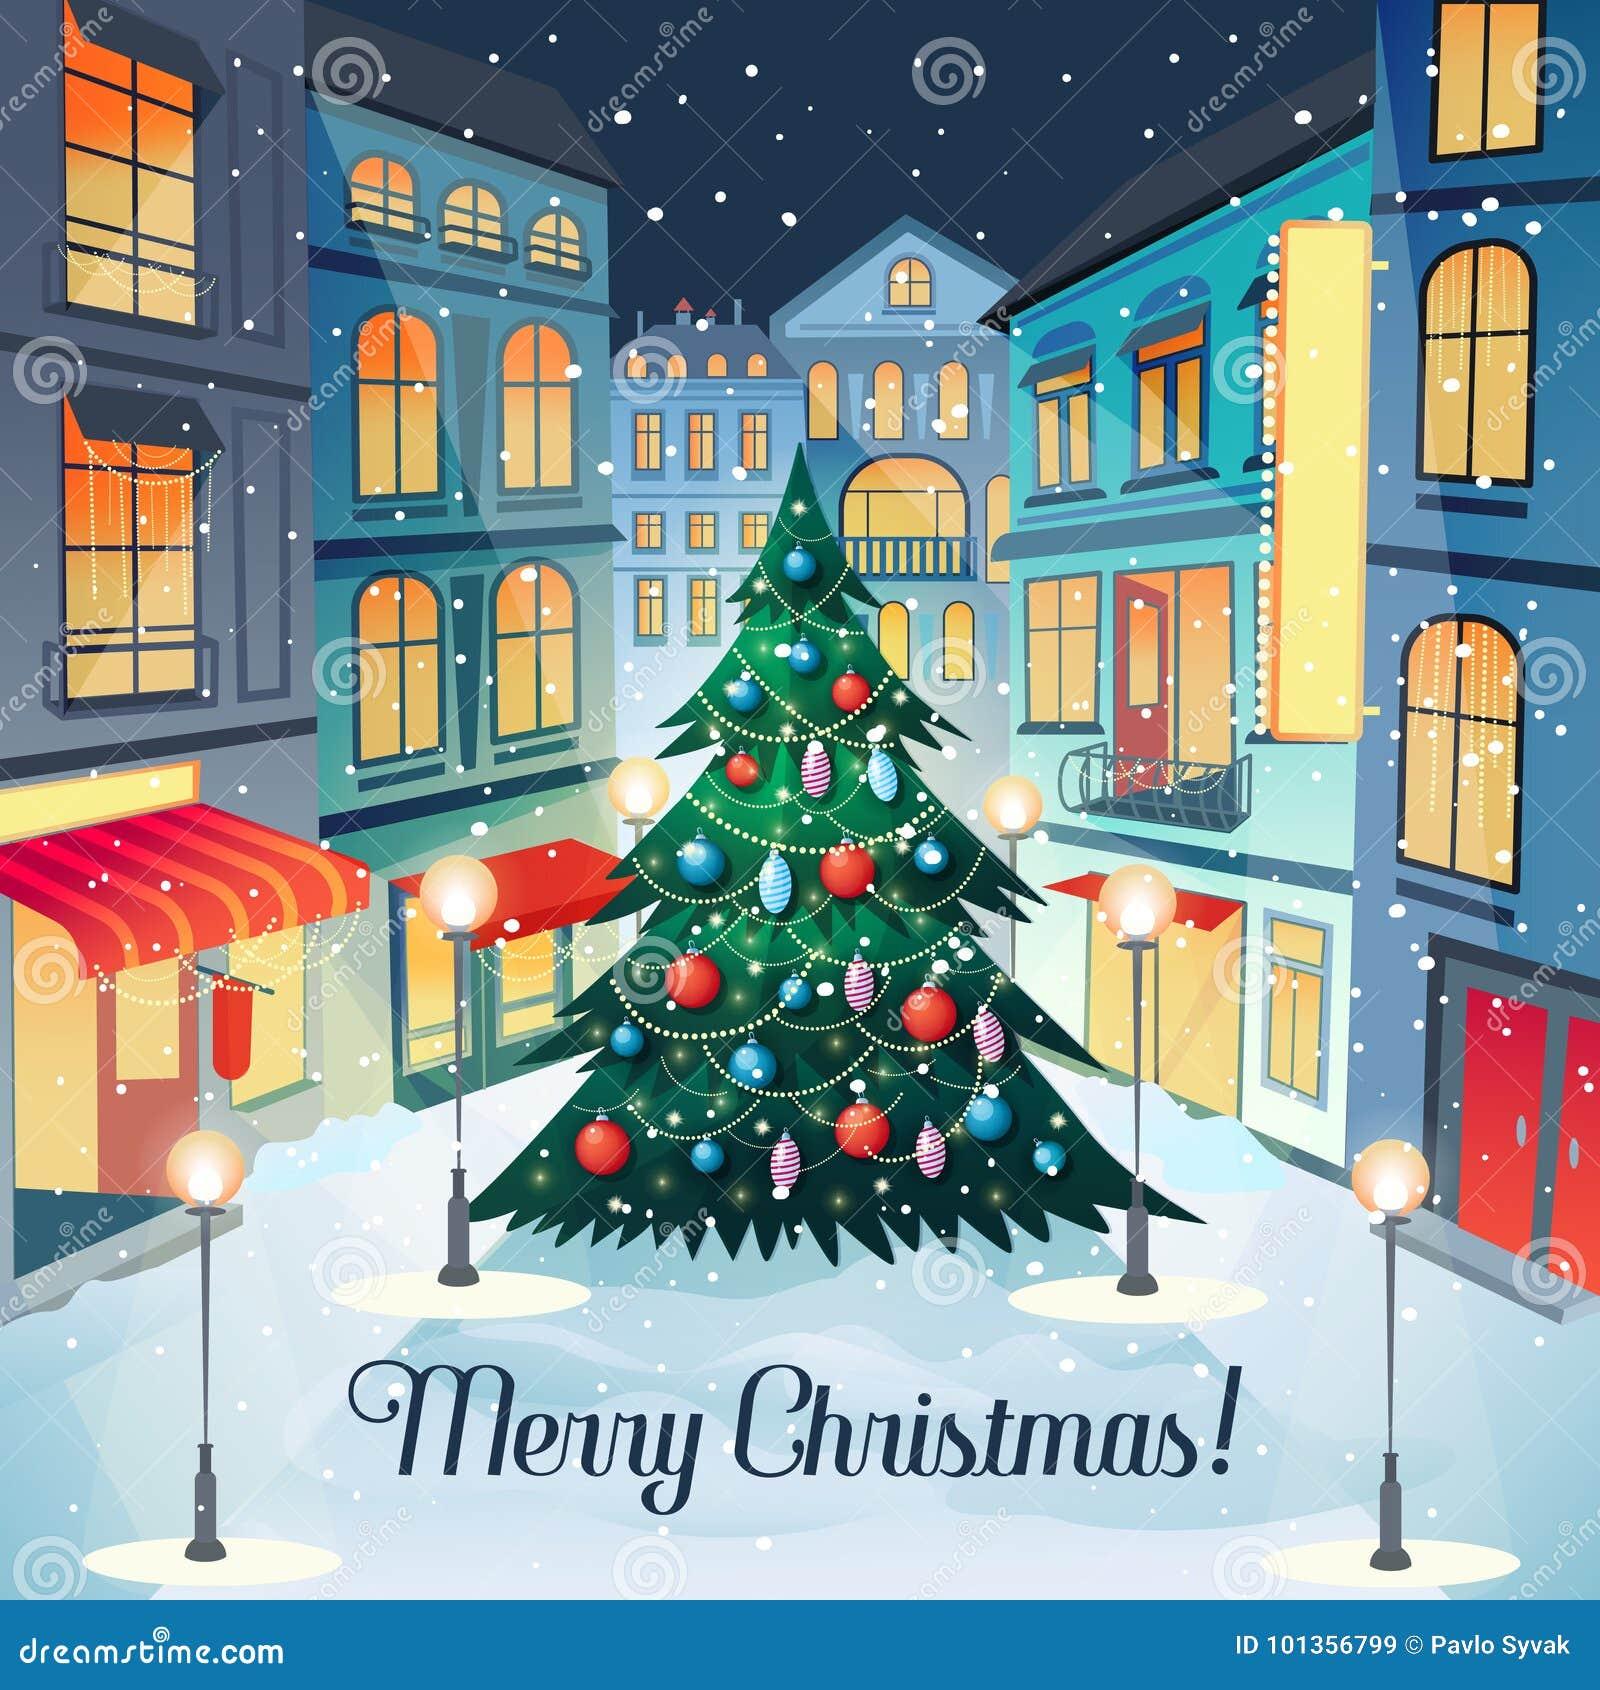 Cartão do vintage do Feliz Natal com árvore e arquitetura da cidade de Natal Cartão do ano novo feliz Feriados de inverno